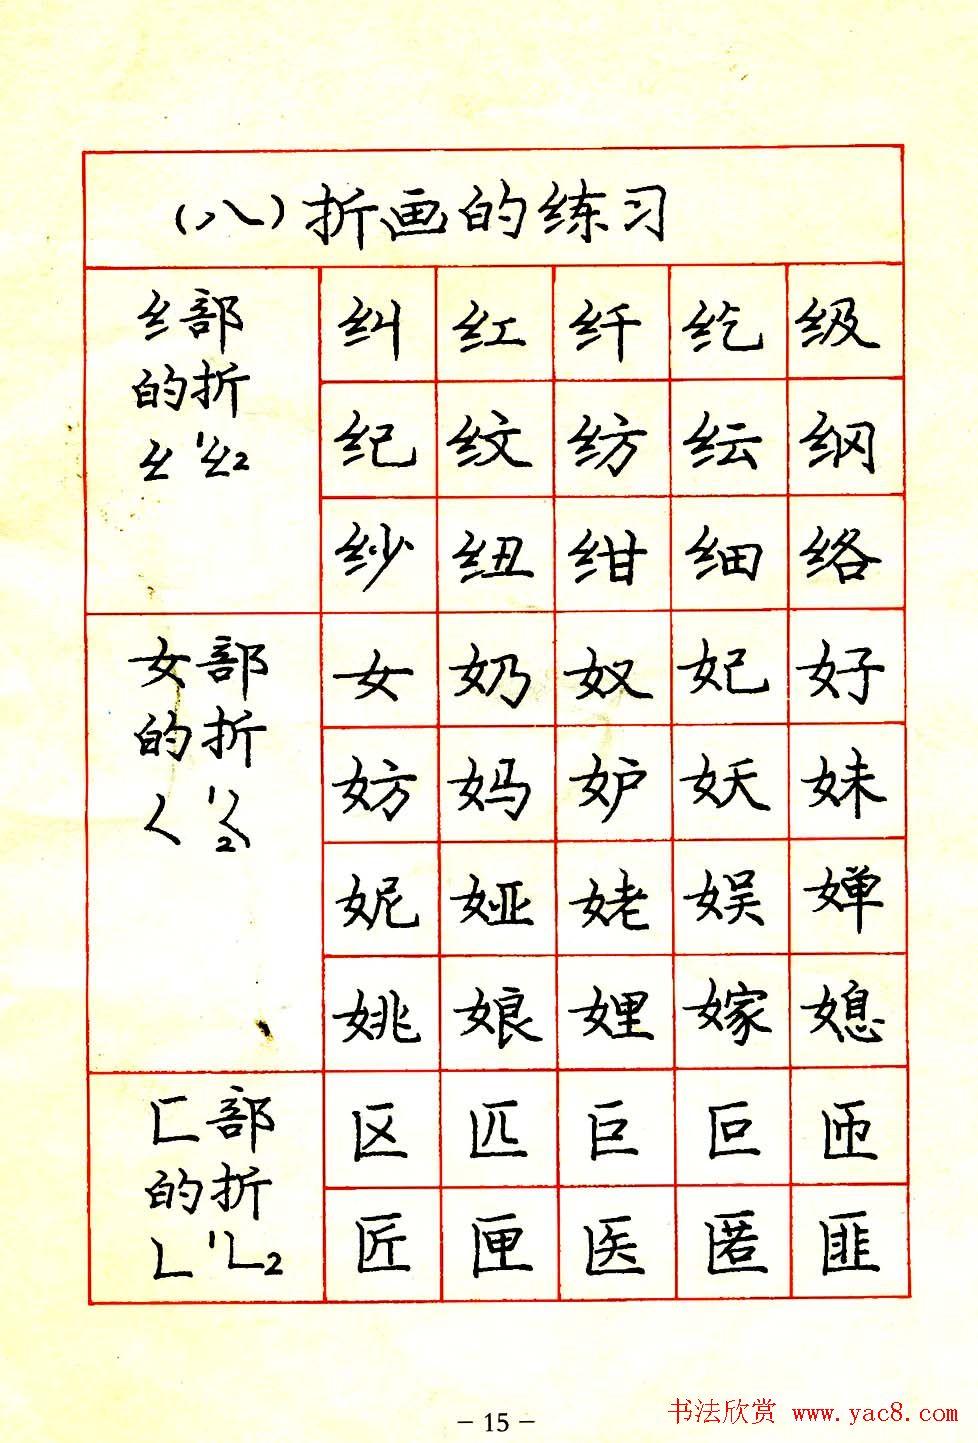 庞中华:学生古诗词分类读写楷书钢笔字帖,图片尺寸:900×900,来自